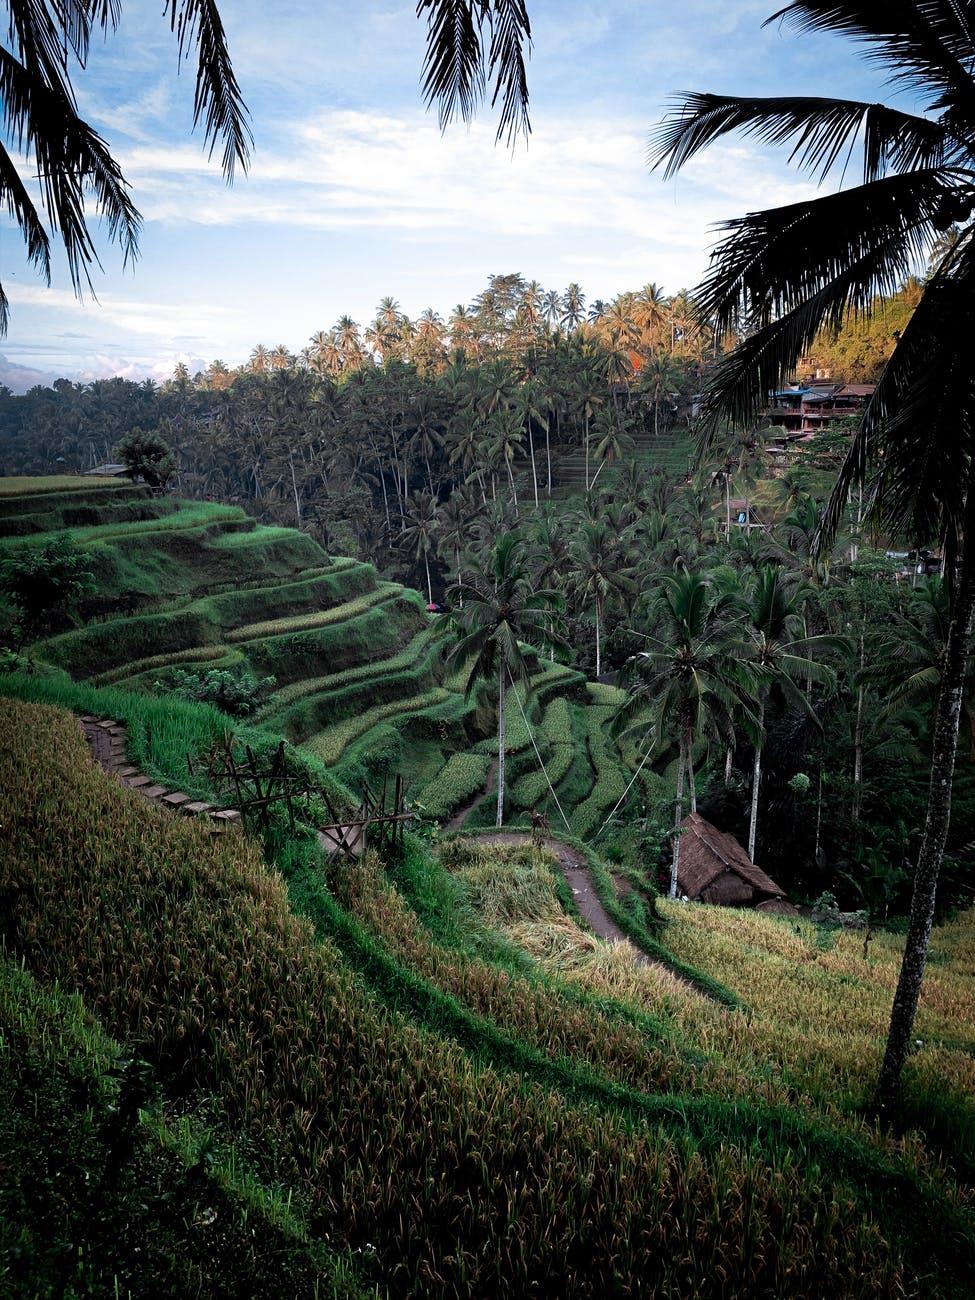 Bali Neighborhood - Ubud